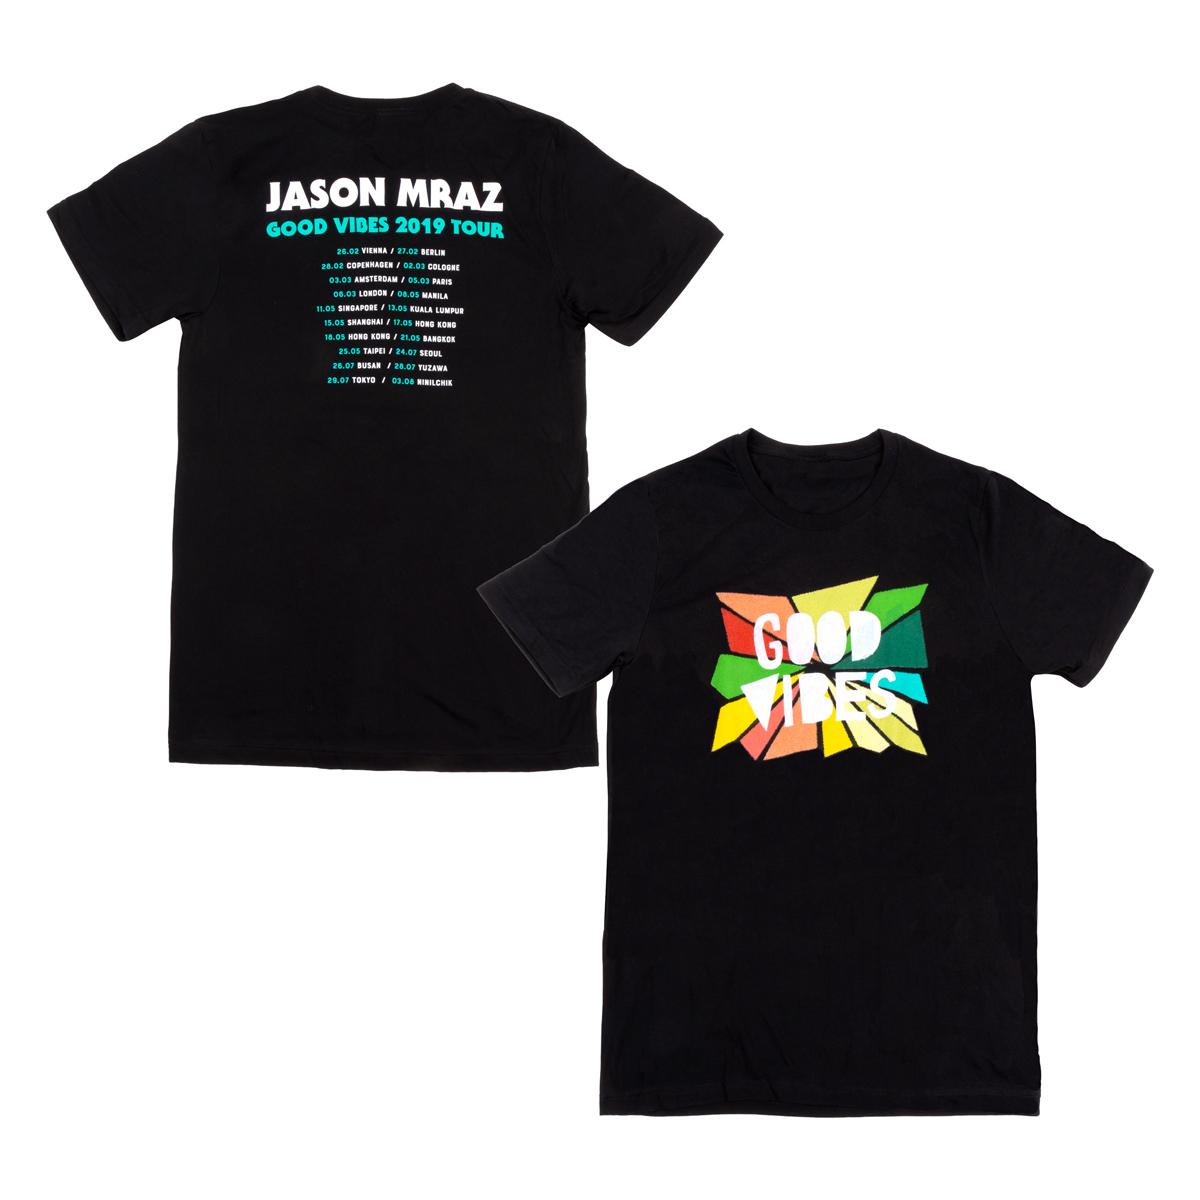 Good Vibes 2019 Tour T-shirt